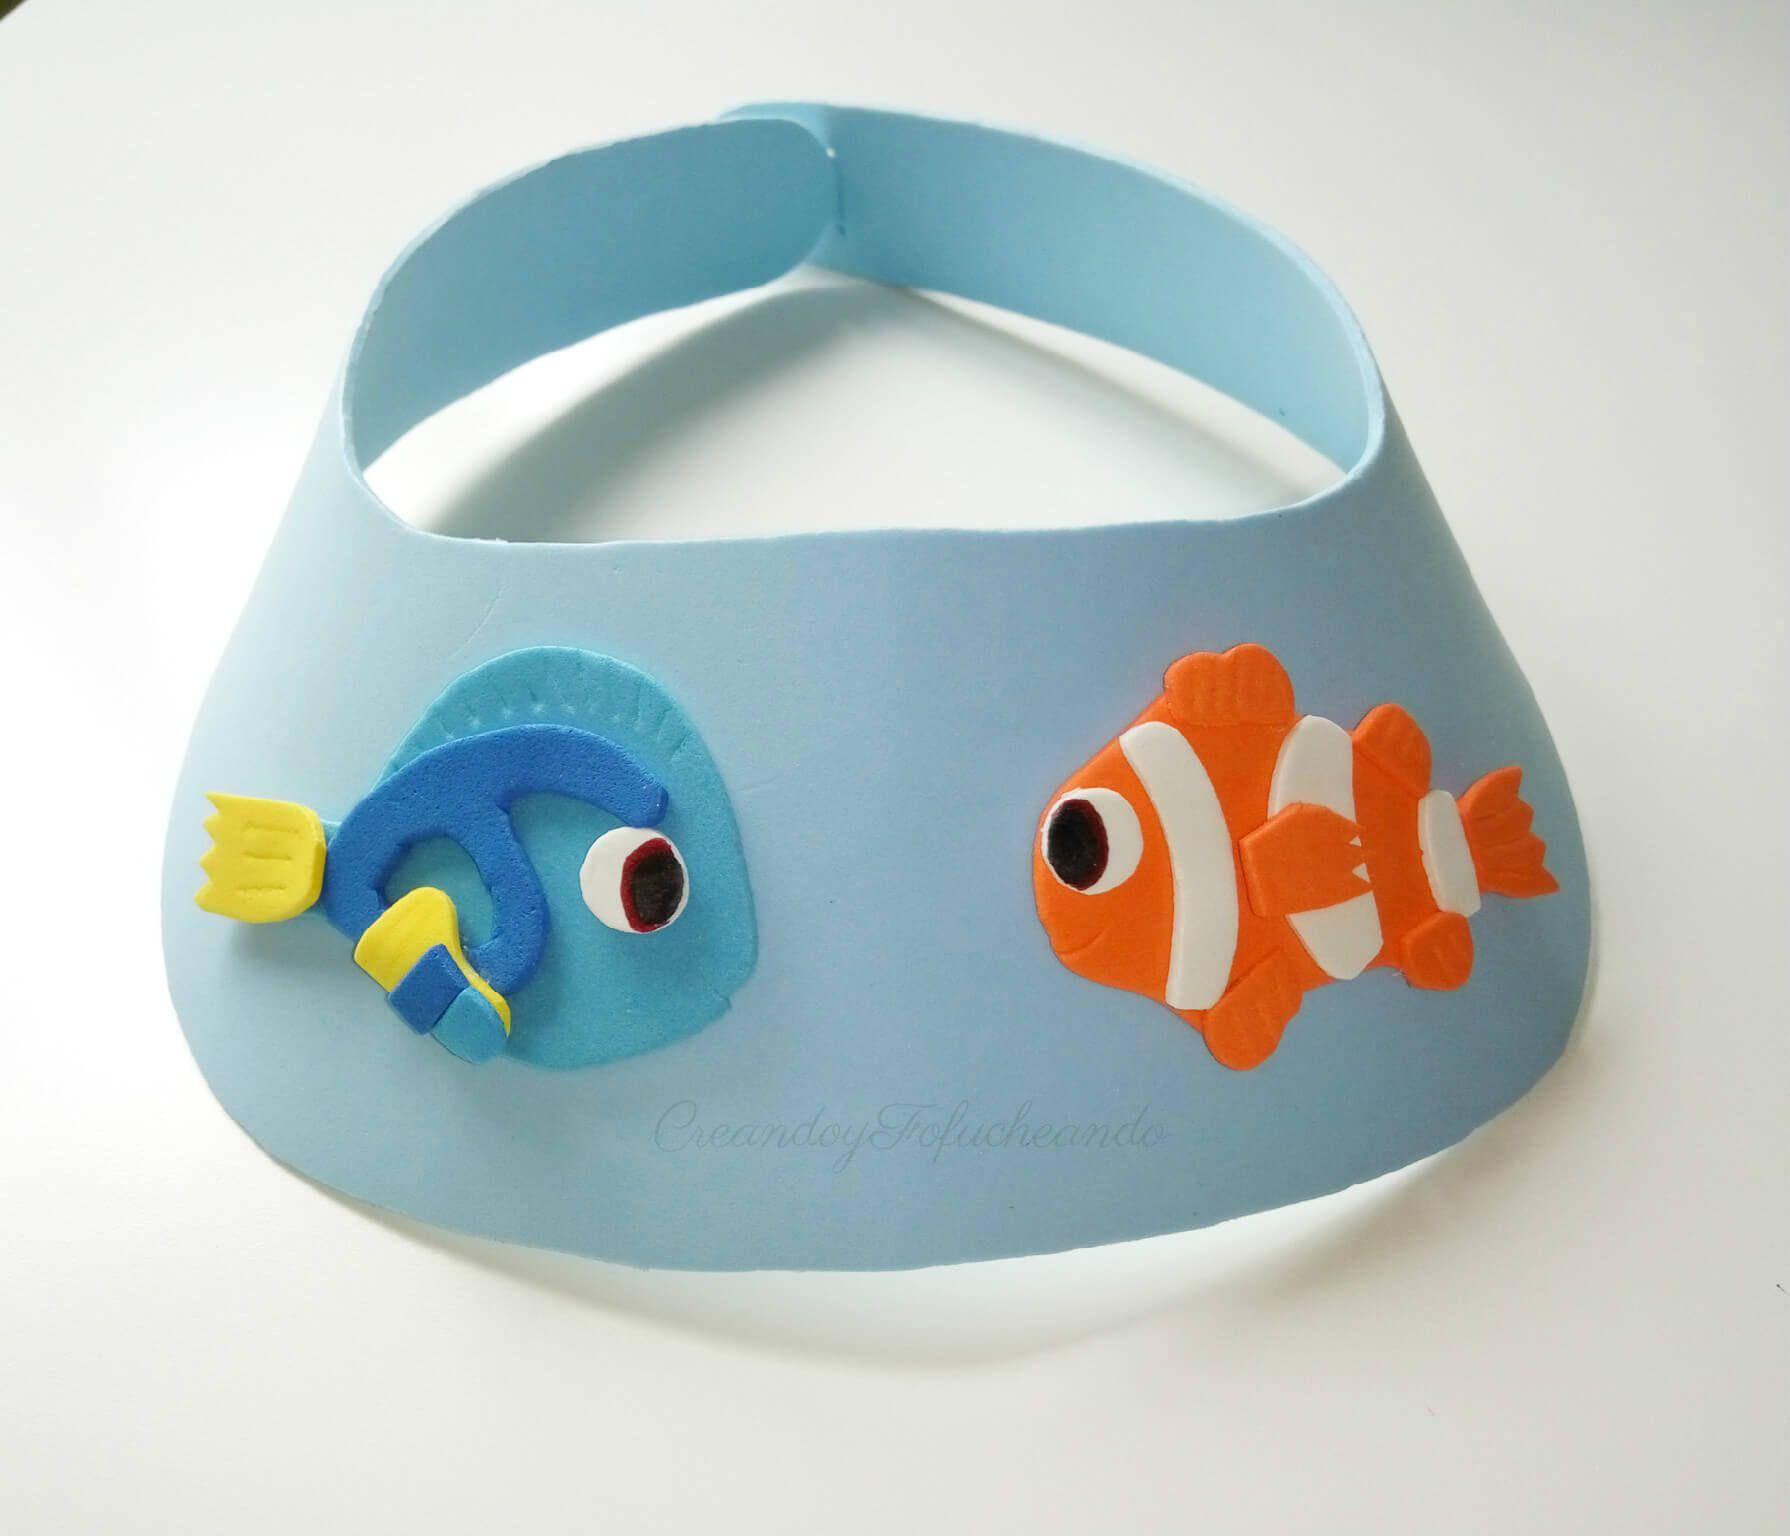 Visera de goma eva con Nemo y Dory  CRAFTY BLOGGERS  Pinterest